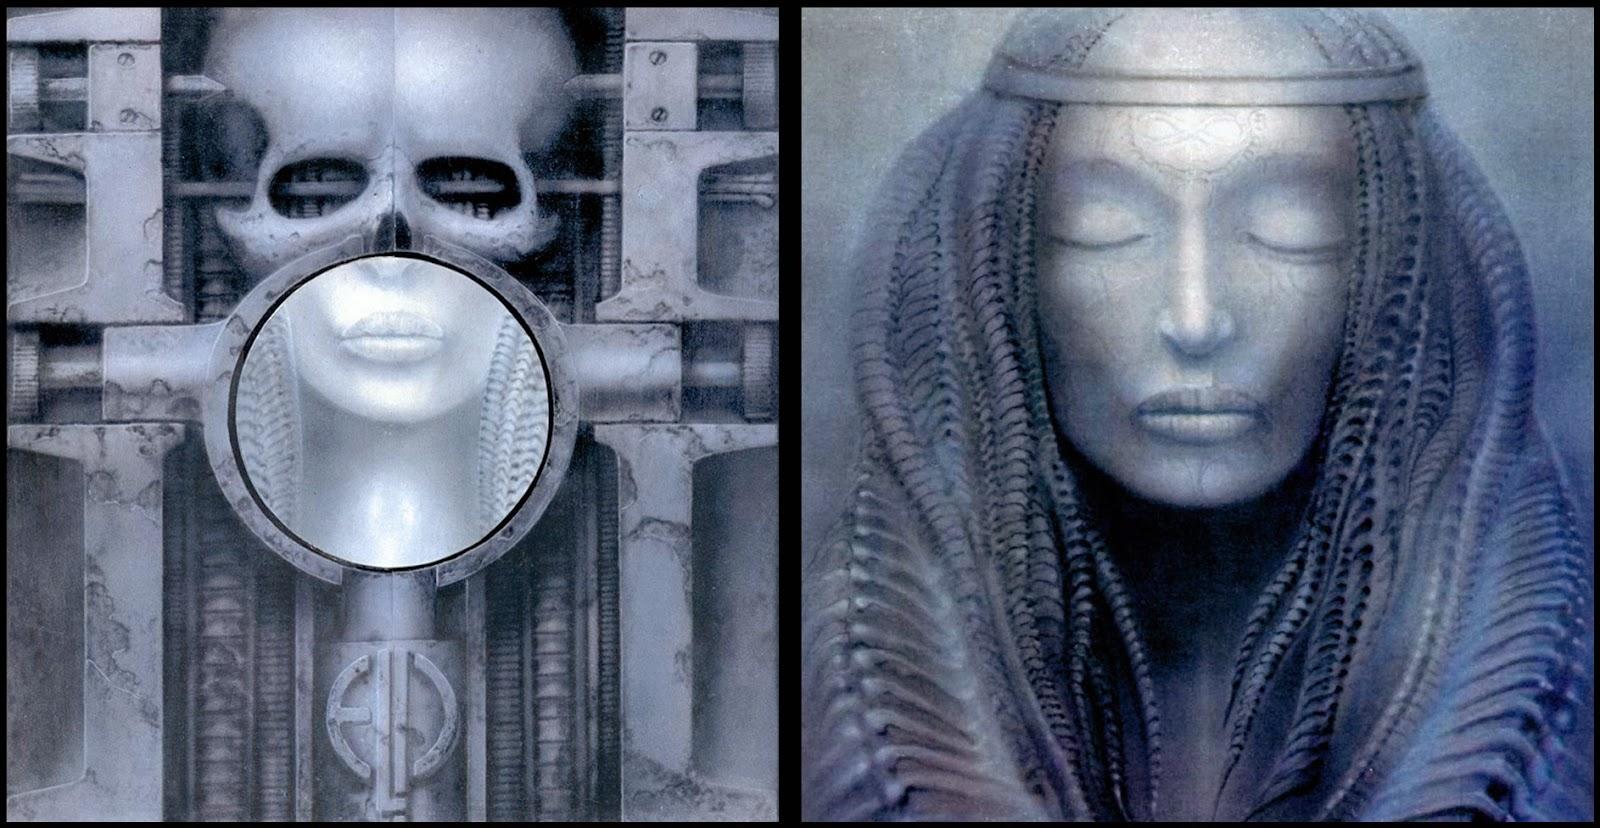 IMAGE(http://popmoderna.pl/wp-content/uploads/2014/05/1973-ELP-Giger-Brain-Salad-Surgery-Blog.jpg)